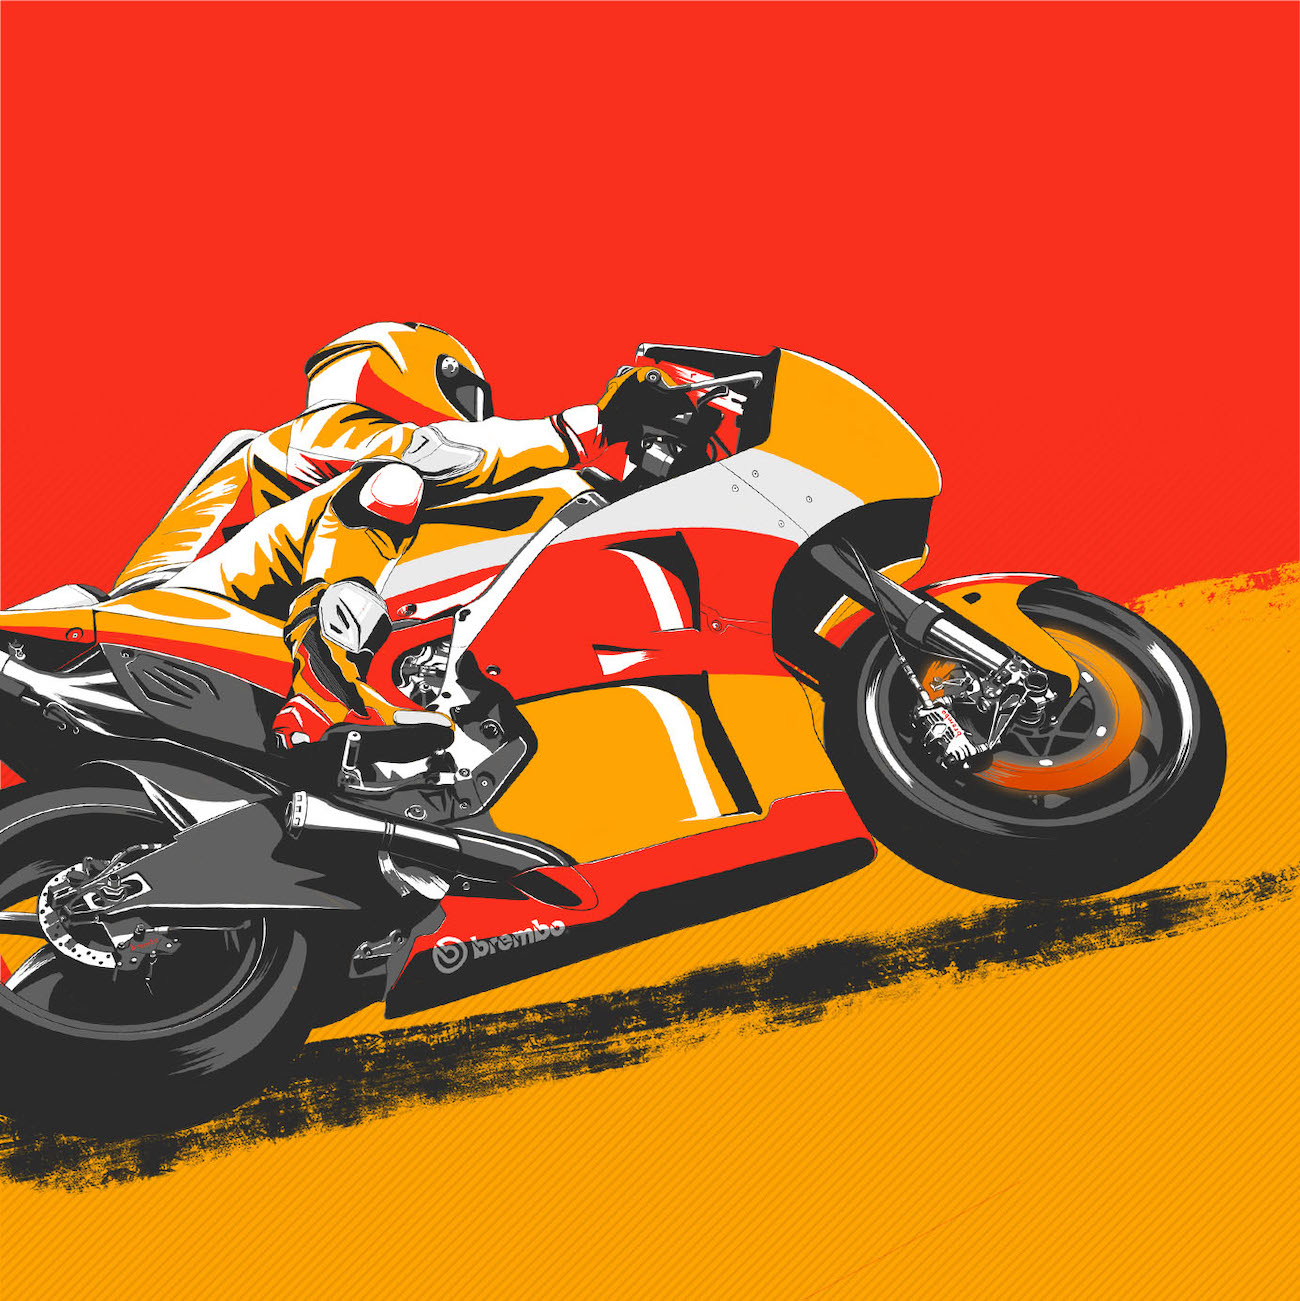 ブレンボが分析する 2021年MotoGP フランスグランプリ